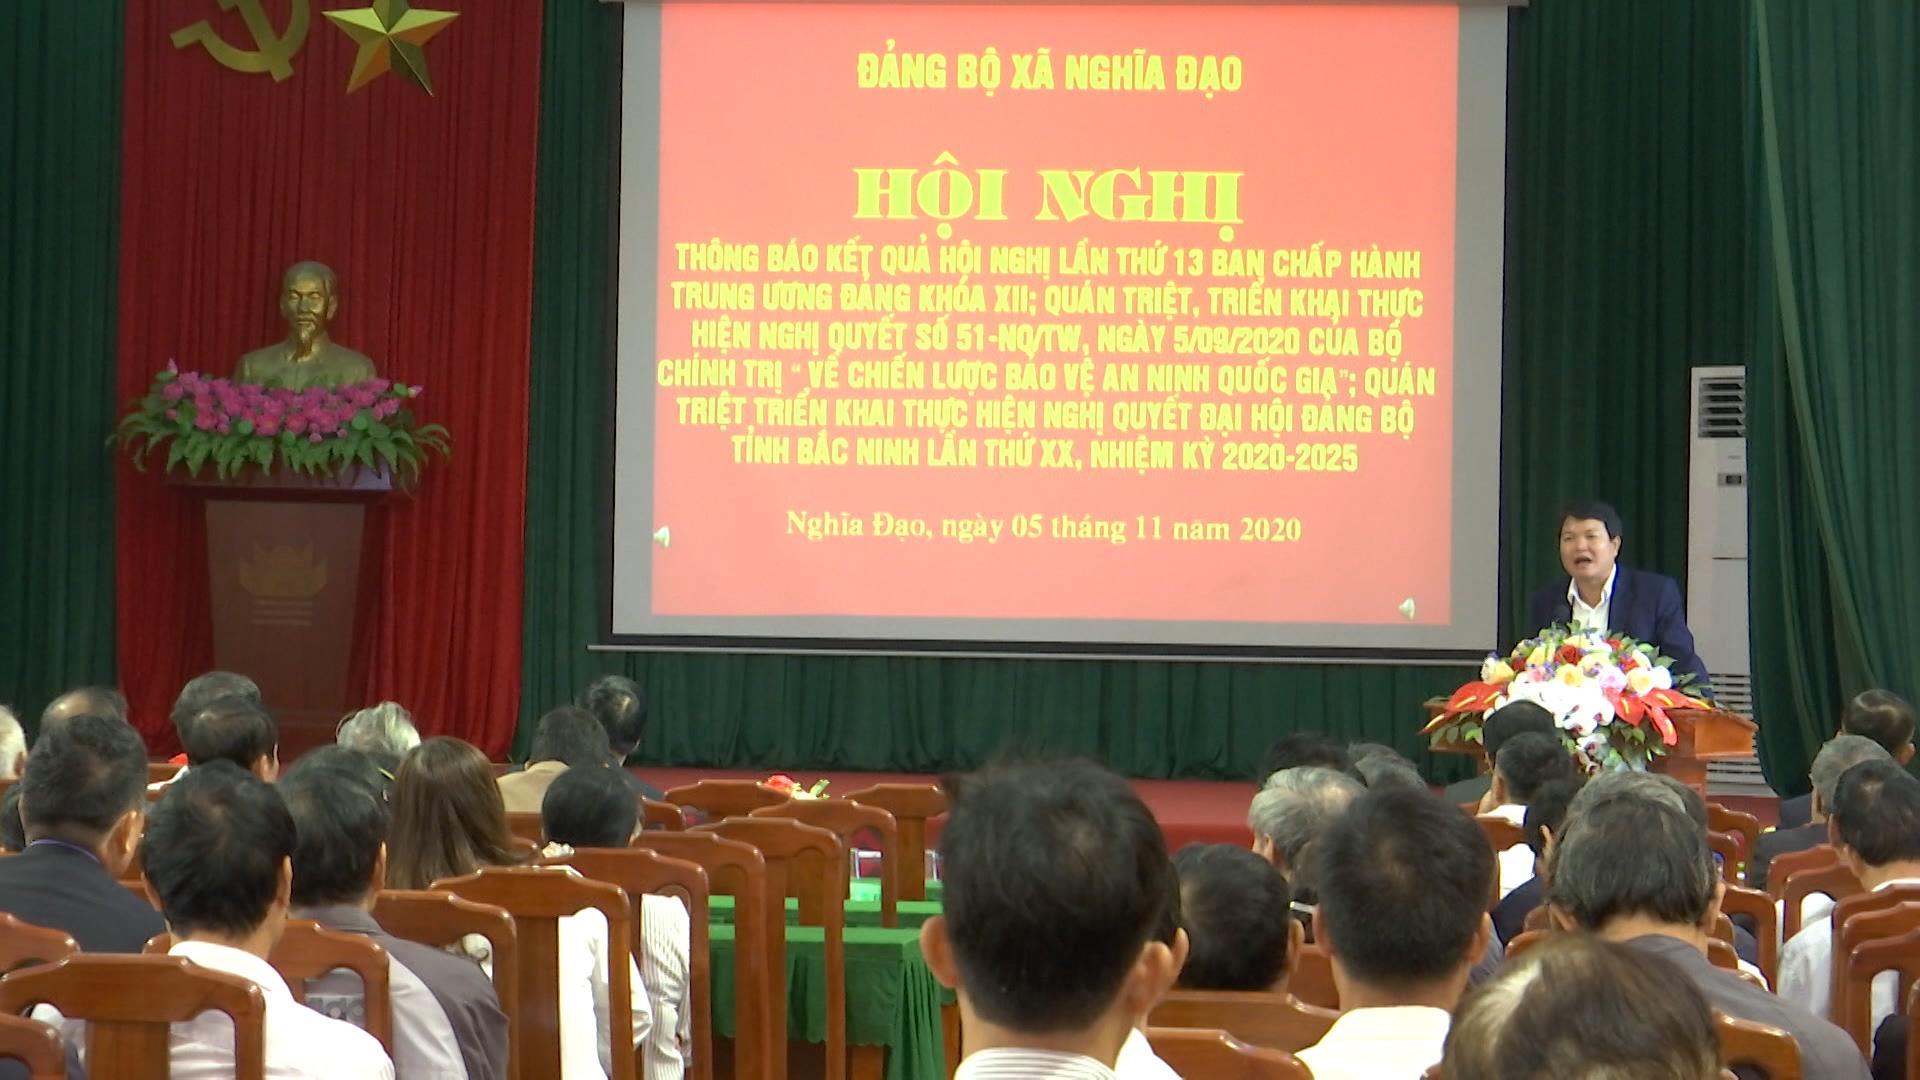 Bắc Ninh quán triệt thực hiện Nghị quyết Đại hội Đảng bộ tỉnh  phù hợp với đặc thù địa phương, đơn vị